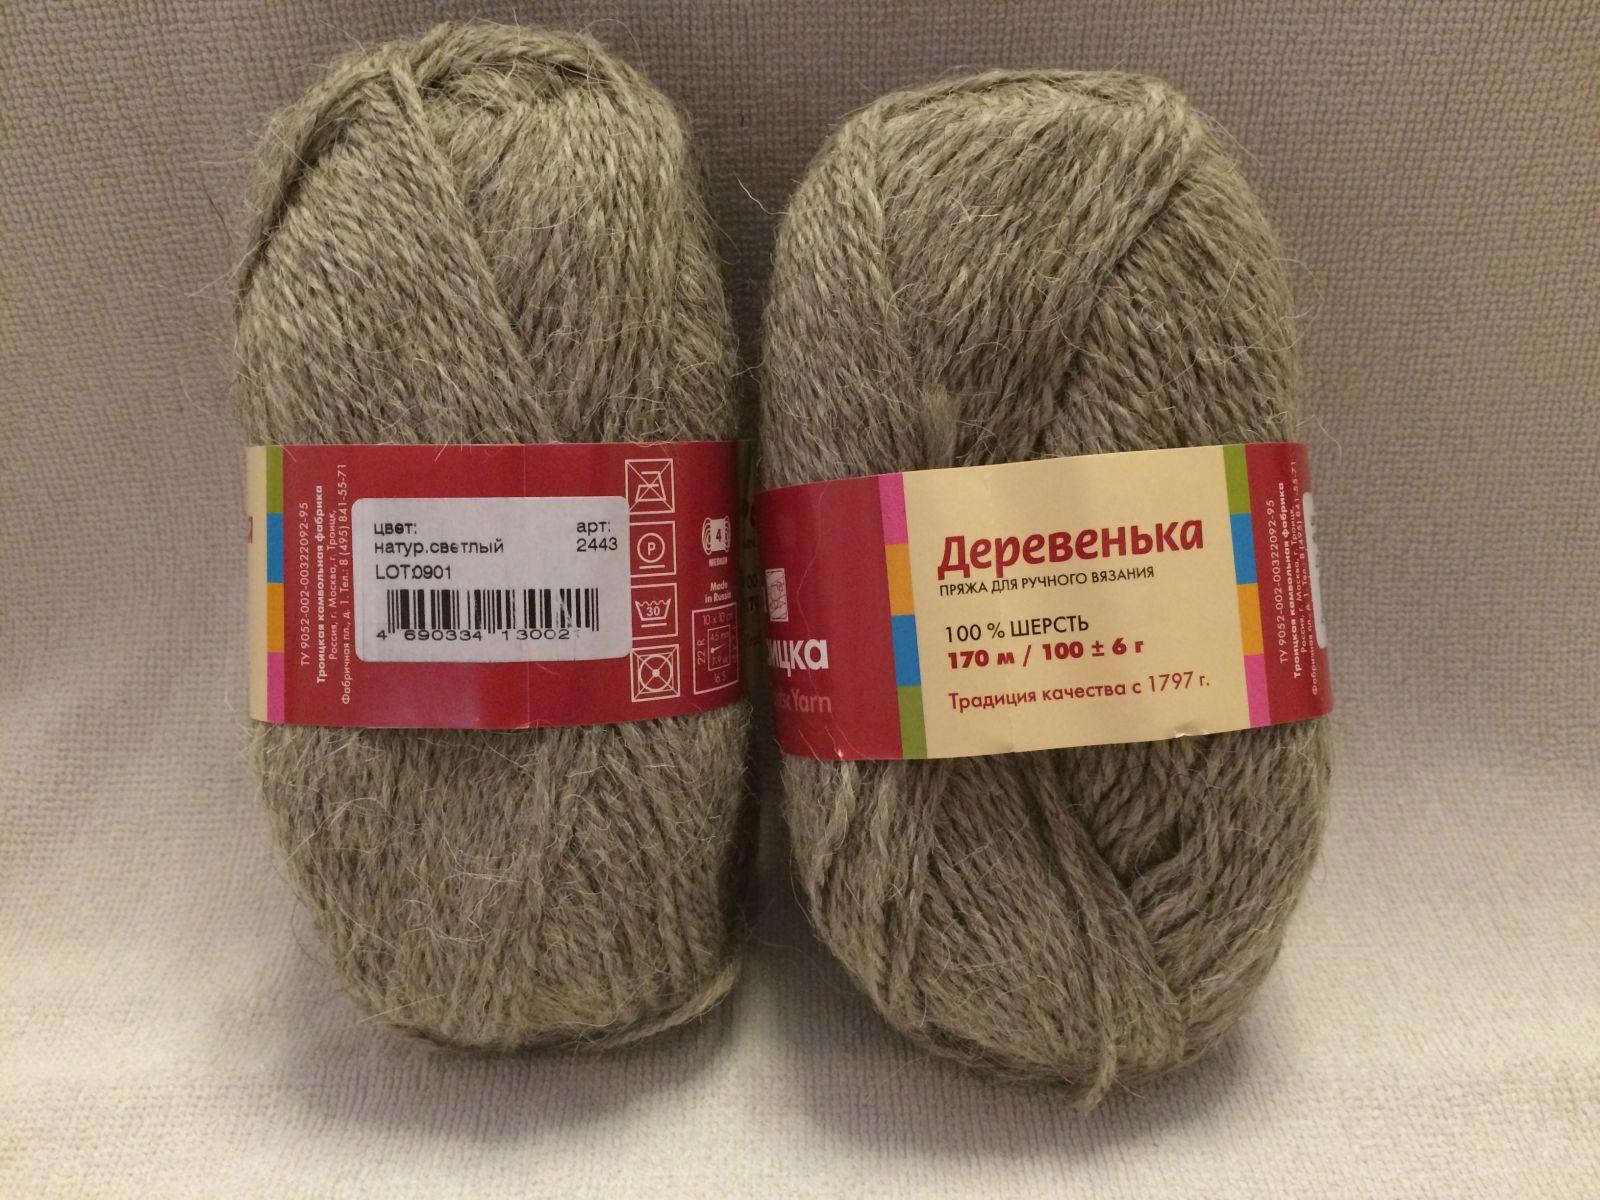 Троицкая камвольная фабрика каталог пряжа для ручного вязания 32